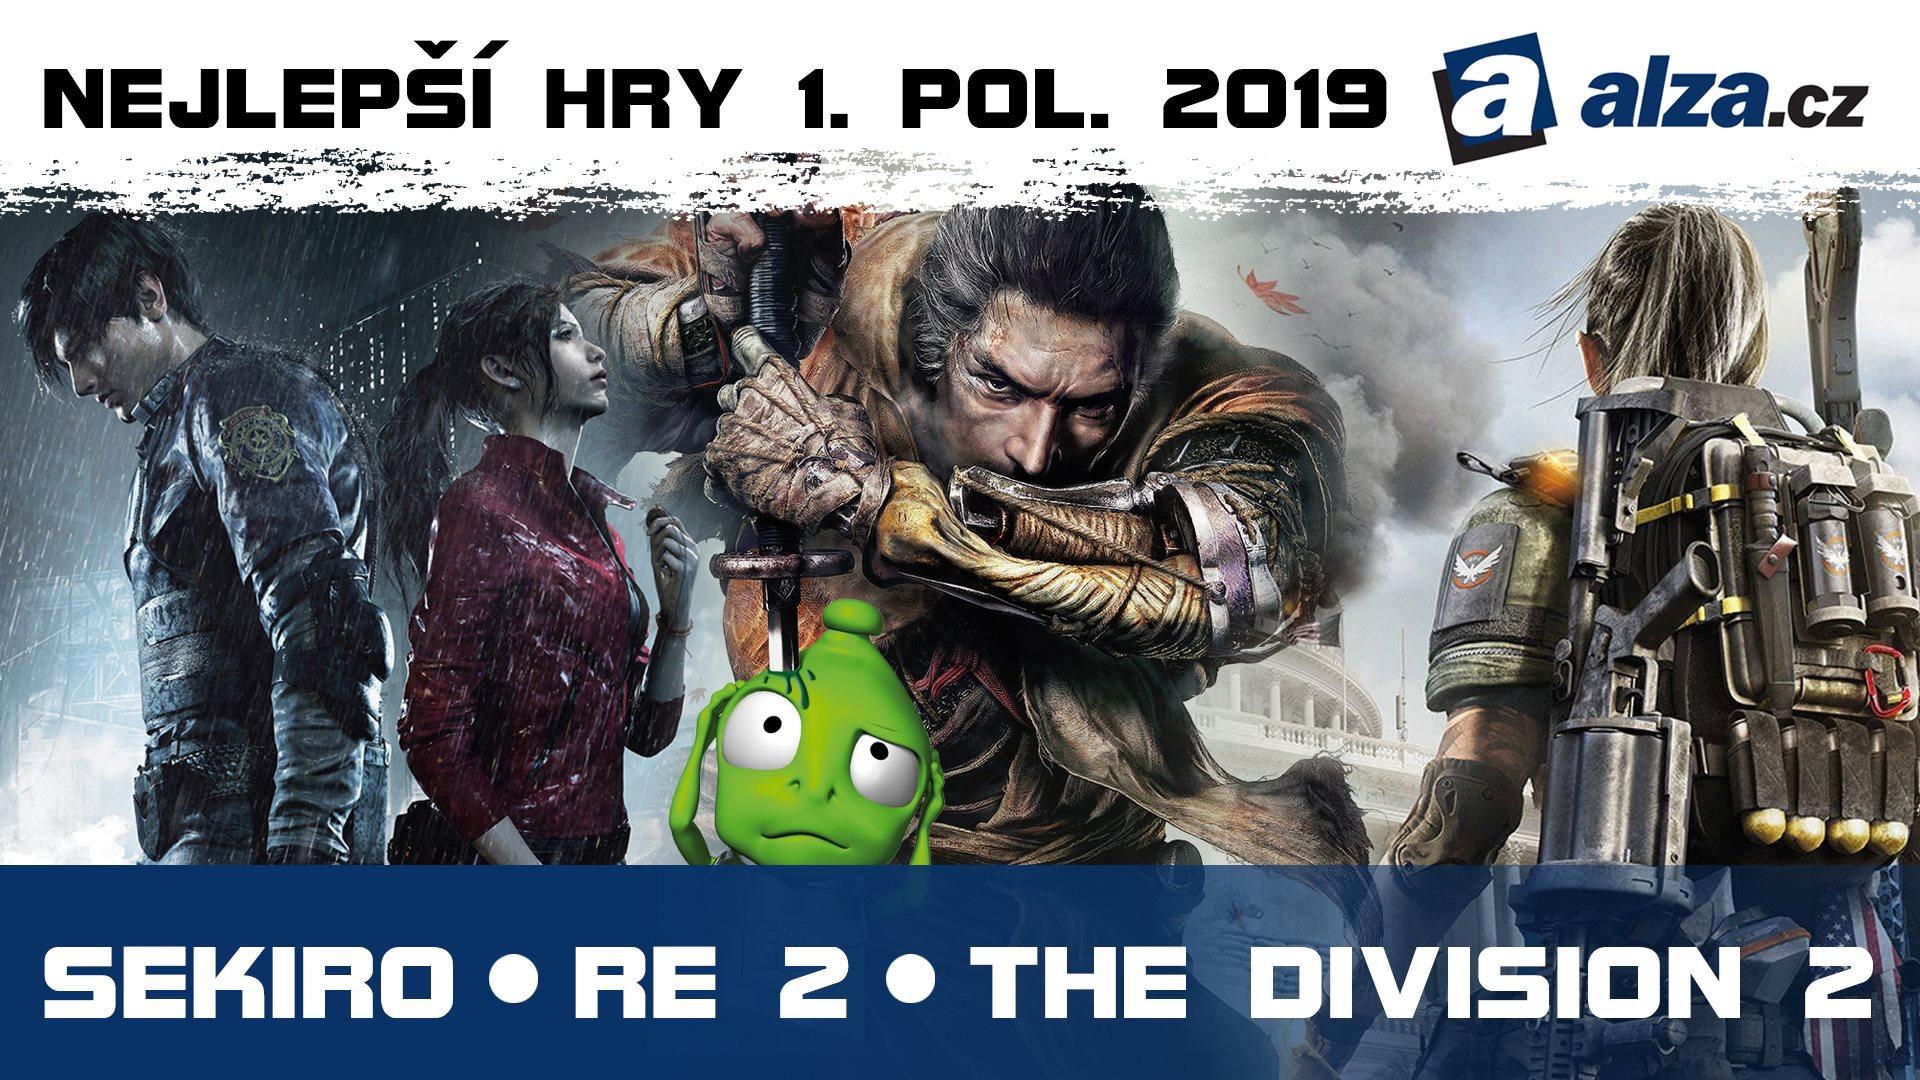 Nejlepší hry 1. pol. 2019; thumbnail: Sekiro, RE2, Division